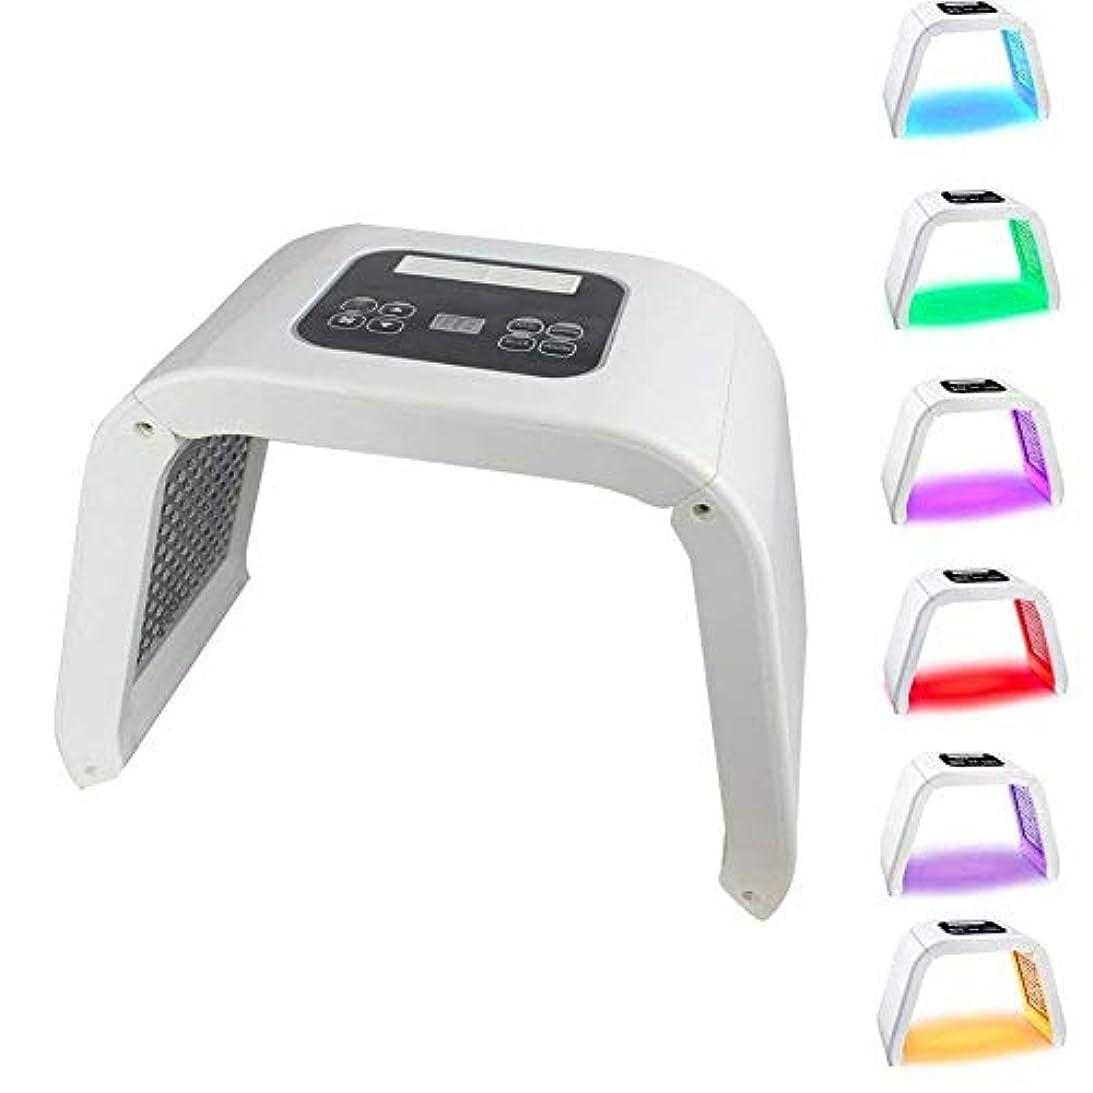 メーター今捧げる7色はライトPDT美容機をマスクLED、肌の若返りLED機器スキンはホームサロン使うスキンケアのツールでは、顔のしわ除去アンチエイジングフェイシャルケア美容機を締め